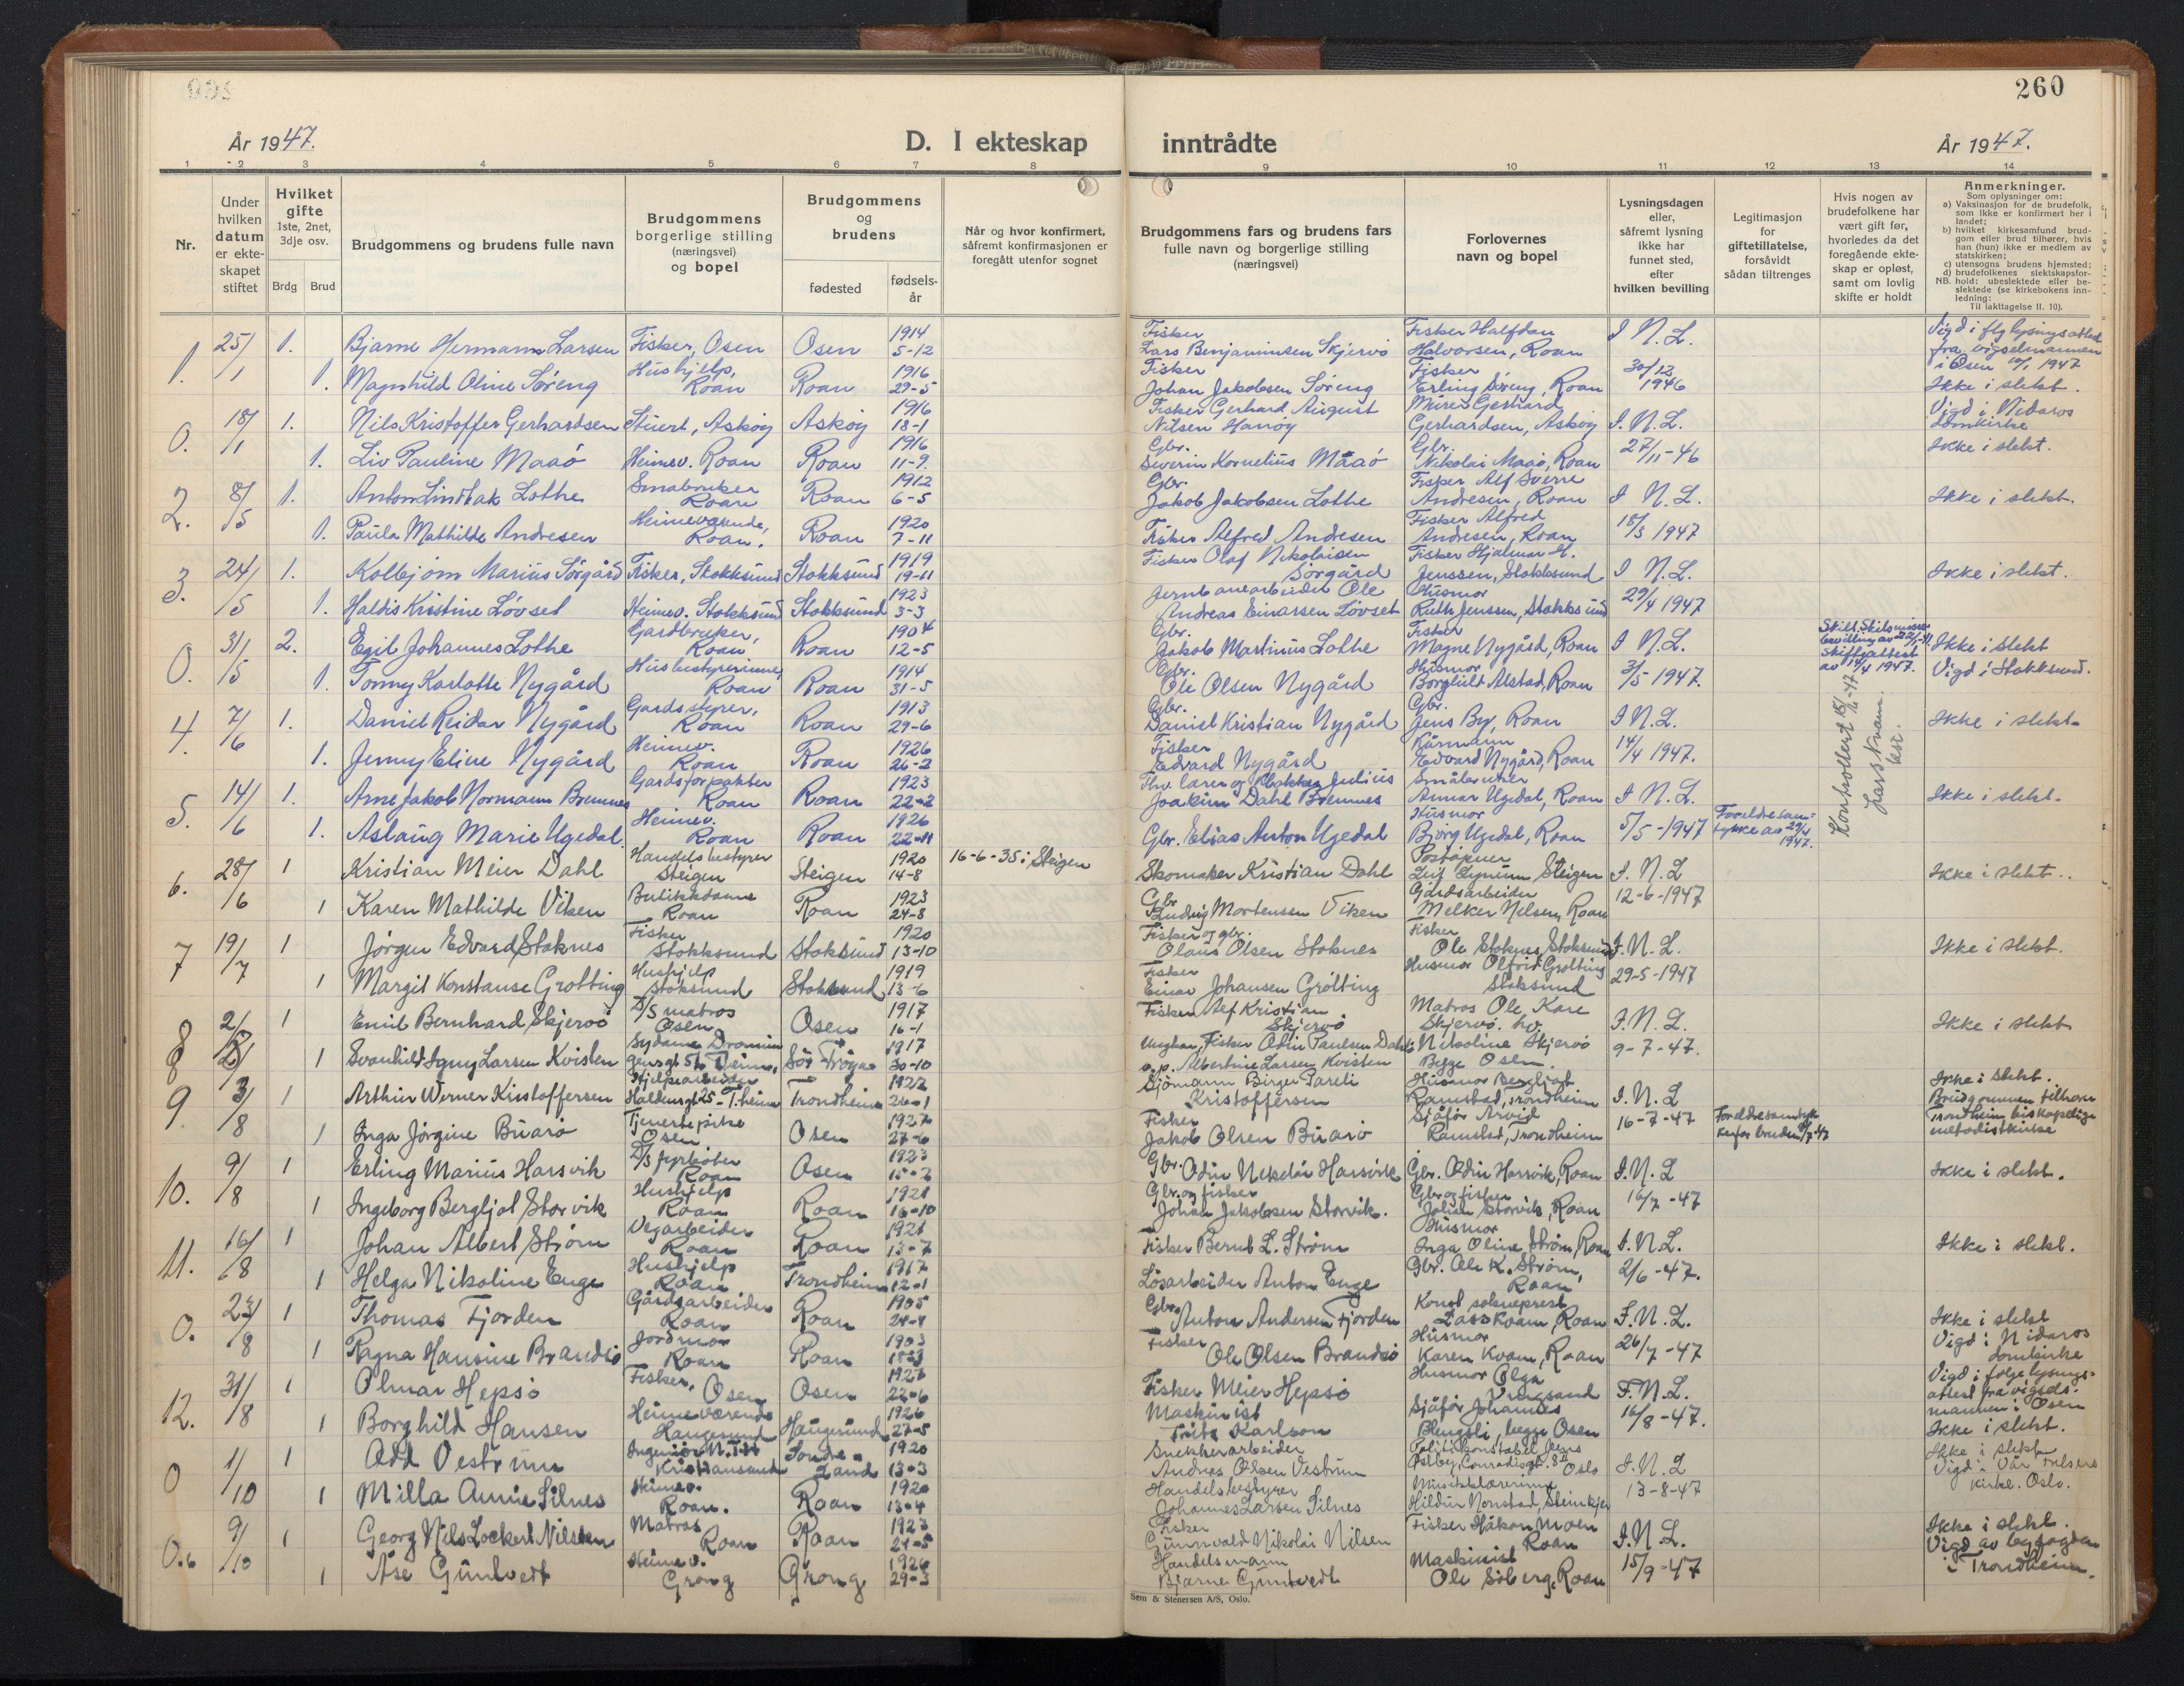 SAT, Ministerialprotokoller, klokkerbøker og fødselsregistre - Sør-Trøndelag, 657/L0718: Klokkerbok nr. 657C05, 1923-1948, s. 260